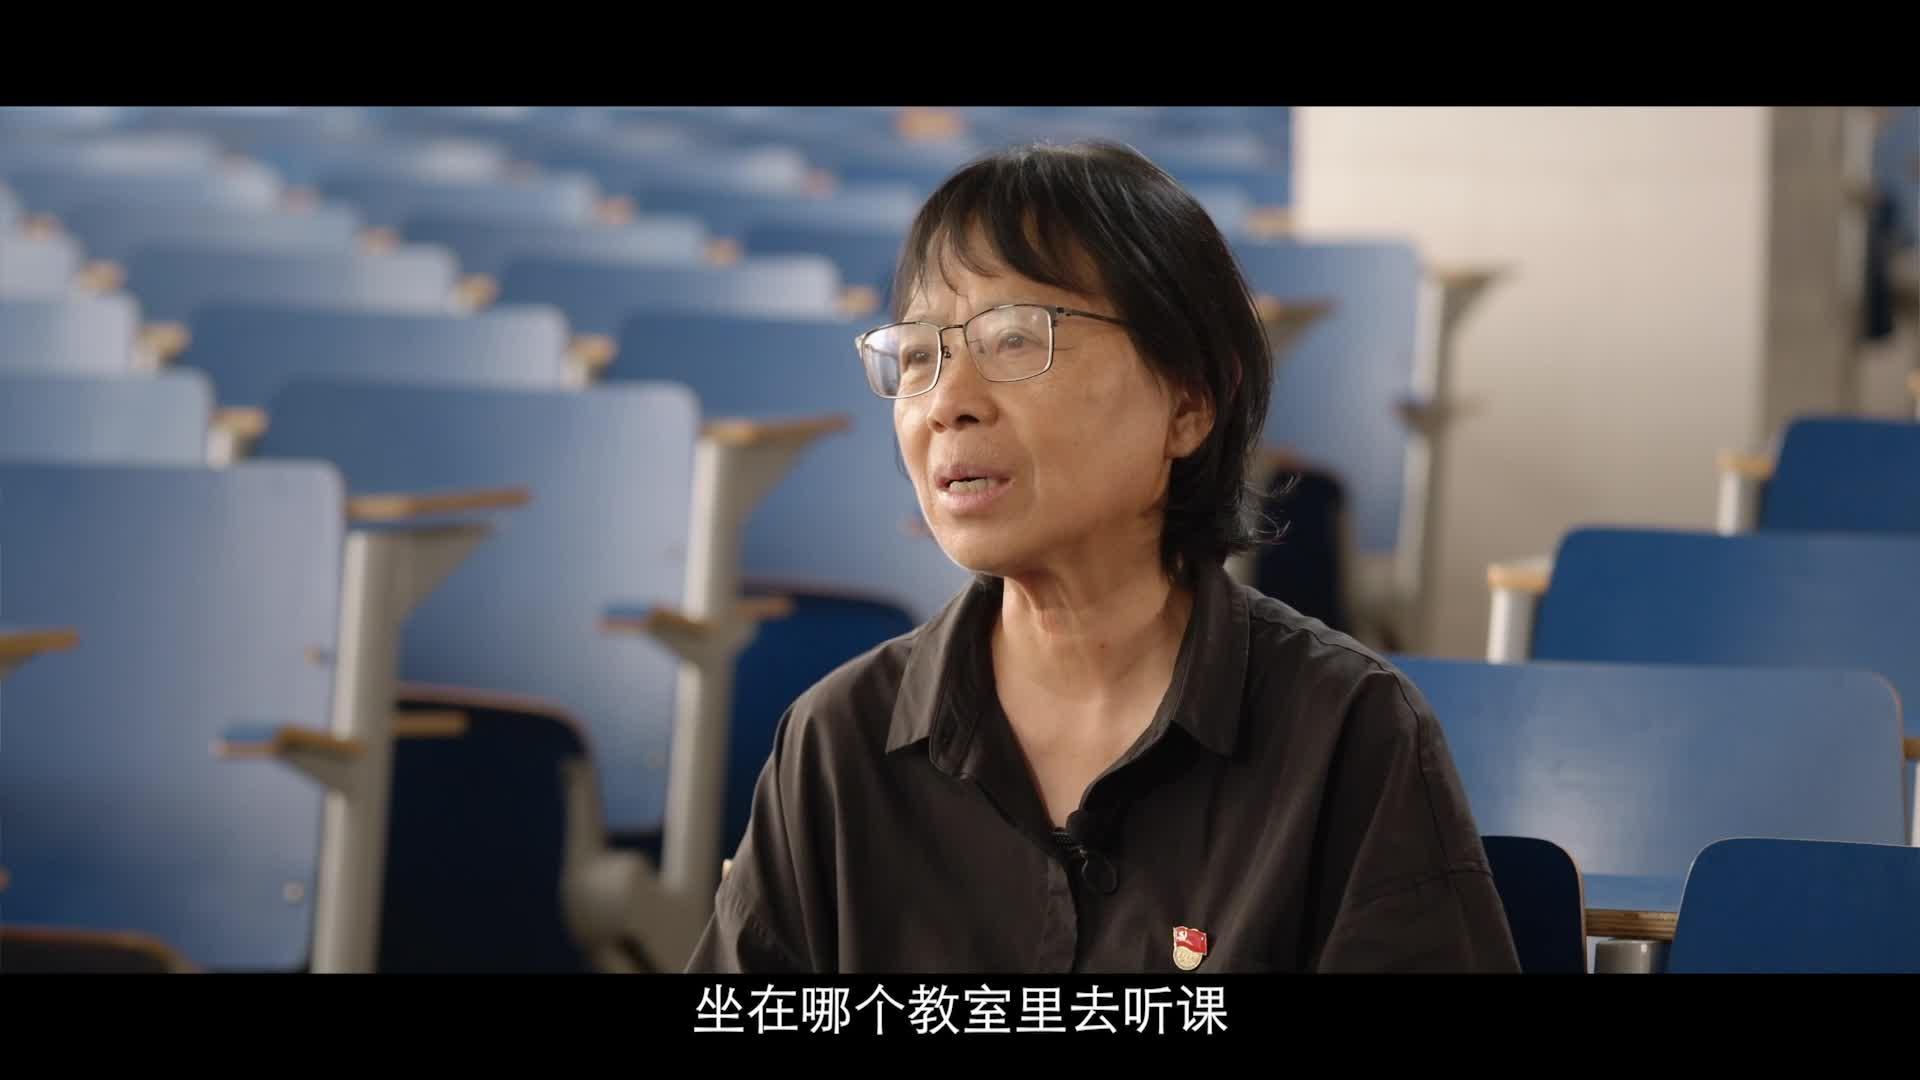 癌症晚期仍凌晨5点亲自为学生开灯,张桂梅:我得确保孩子们安全